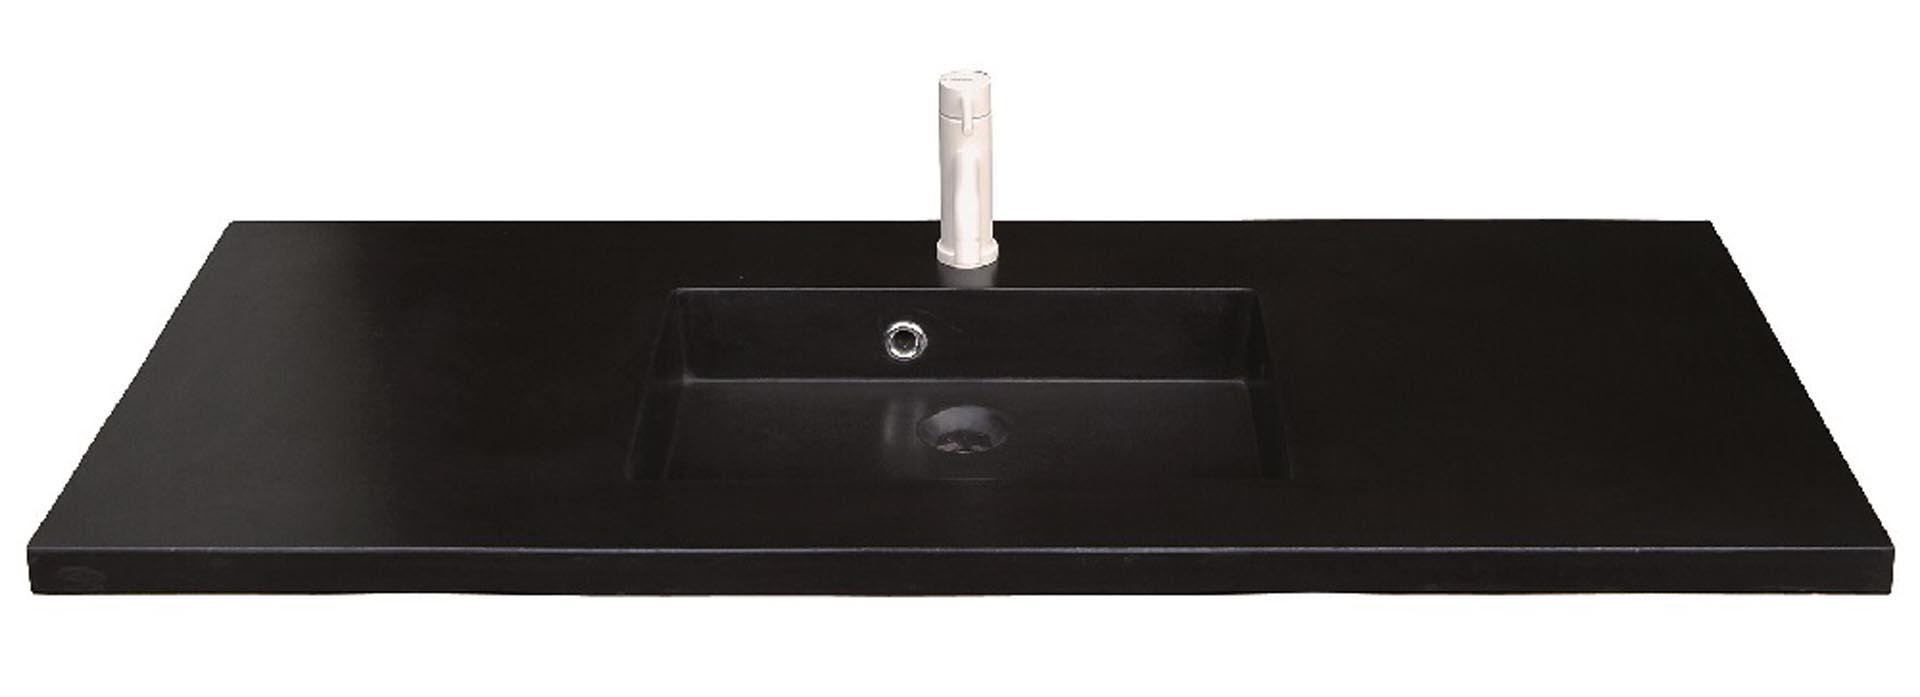 Lækker og simpel beton håndvask, med pæne afrundinger. Farven er i koksgrå - en fantastik flot og moderne betonfarve, der passer ind i ethvert badeværelse. Beton tåler ikke stærke rengøringsmidler, eller syreholdige produkter. Vi anbefaler derfor, at vasken rengøres i pH neutralt rengøringsmiddel. Vasken har målene: 120 x 60 x 3 cm. Materialet er normal beton som er blevet støbt i en form og bagefter vibreret for at få luftlommer ud af råmaterialet. Vasken skal stå på et skab. Køb et af vores tre slags åbne ophæng til slimlinevaske eller se vores guide til hvilket skab, der passer til og hvor du kan købe det. Vasken er hensynsmæssigt designet med fine rundinger, som både giver vasken et eksklusivt udtryk og gør den rengøringsvenlig. Vasken vedligeholdes med voks - vi anbefaler en behandling med vores egen naturvoks ID12002 et par gange om året for at opnå optimalt look.